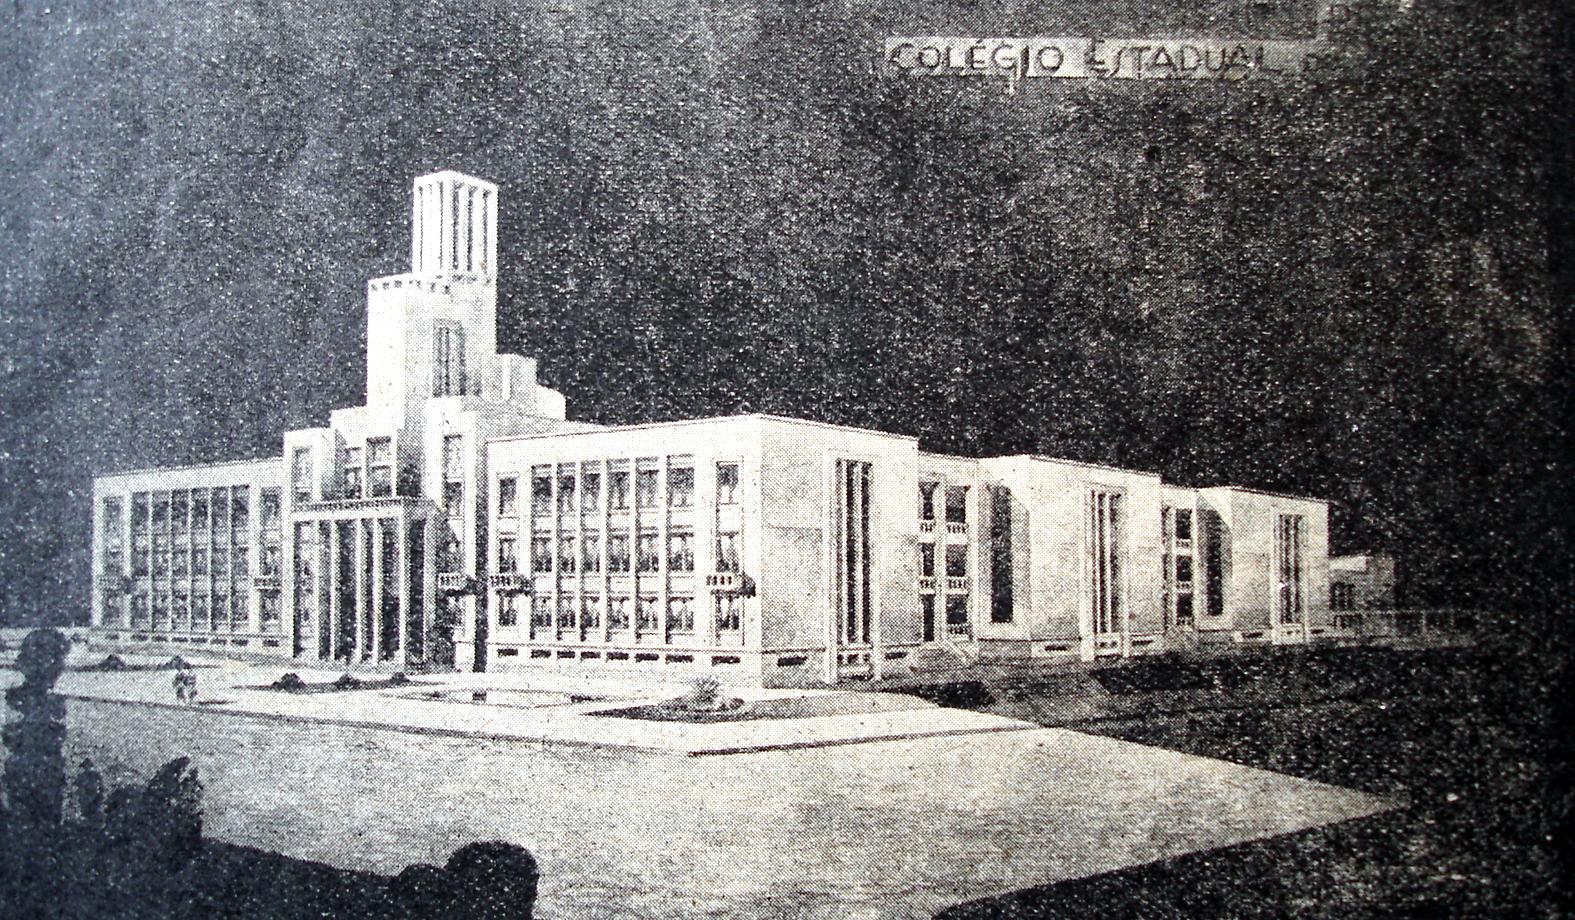 Perspectiva da nova sede do Colégio Estadual do Paraná projetado para a Praça Santos Andrade, que não foi construída.